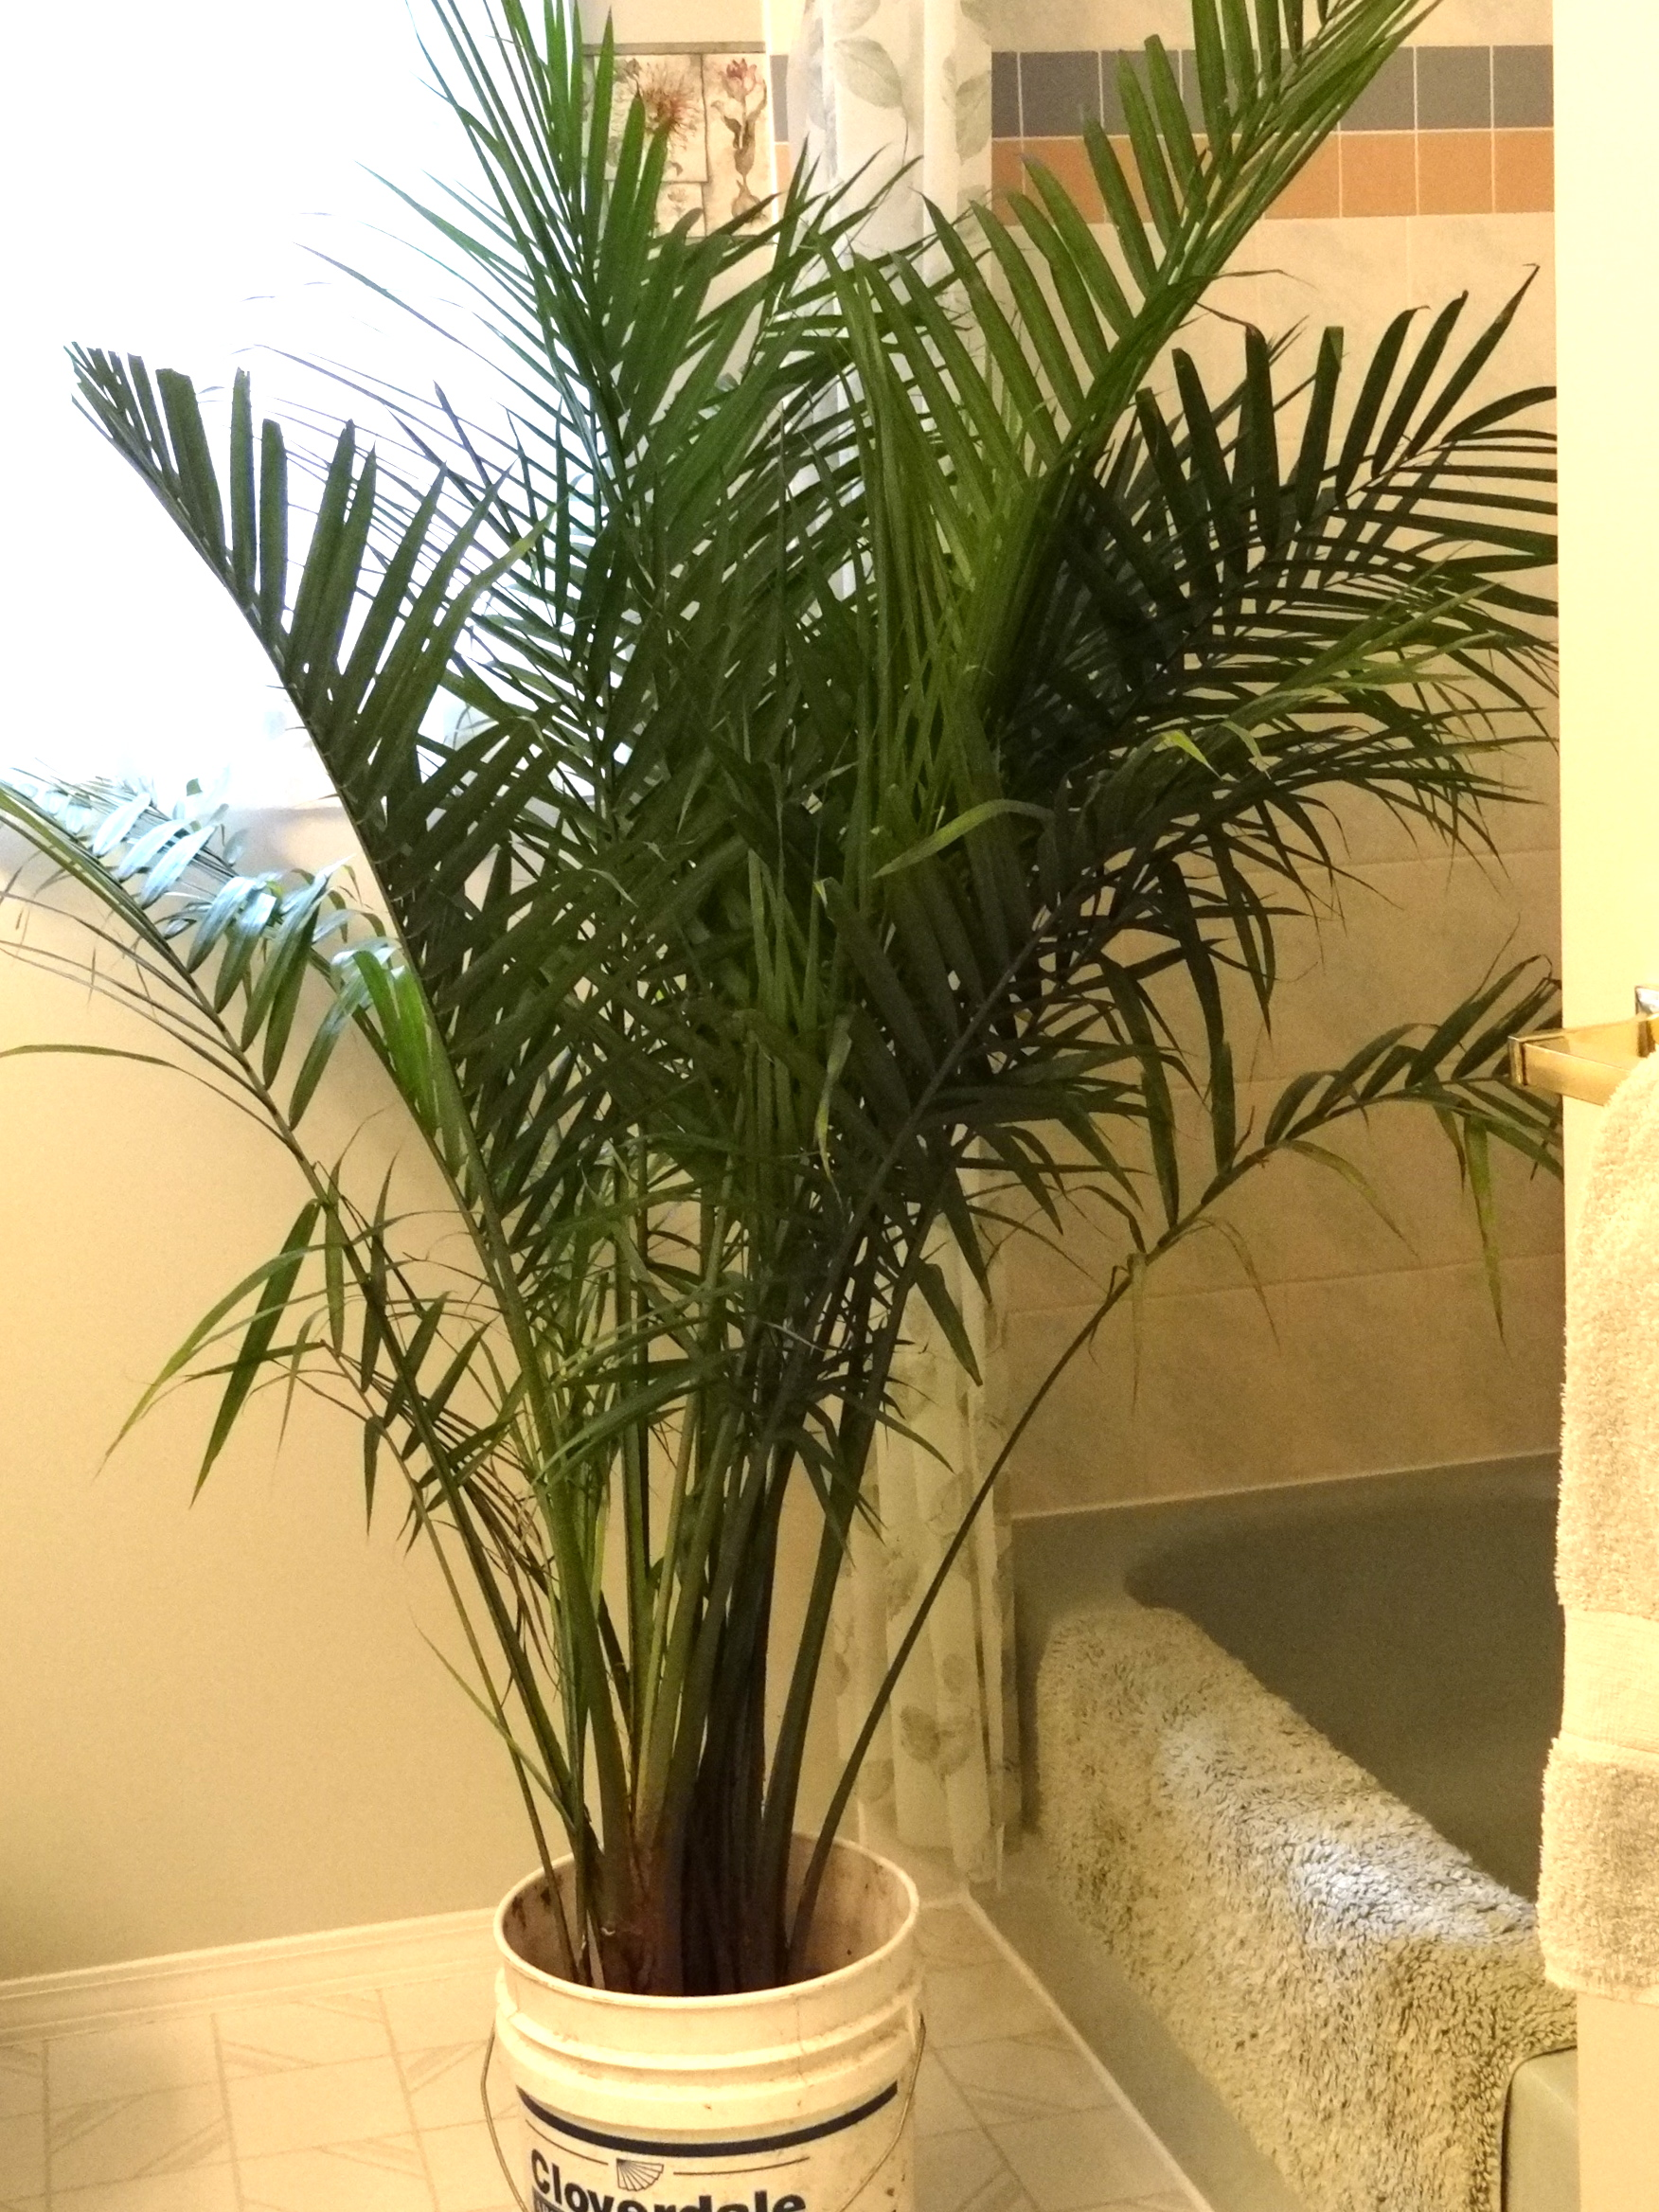 Palm Tree Bathroom Decor Ideas Bathroomist: There's A Palm Tree In My Bathroom!